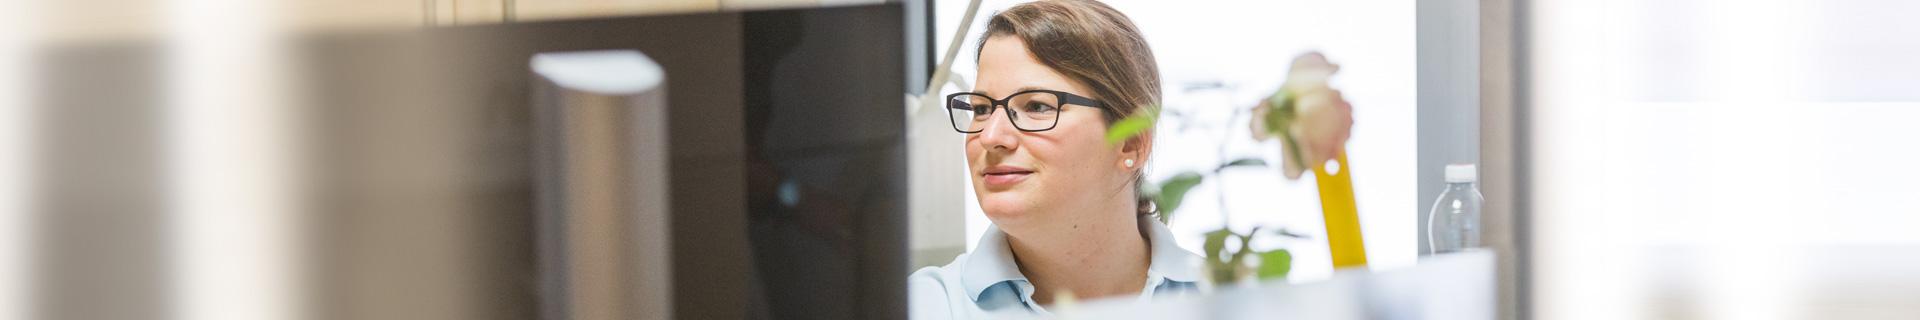 Eine Mitarbeiterin arbeitet am Schreibtisch